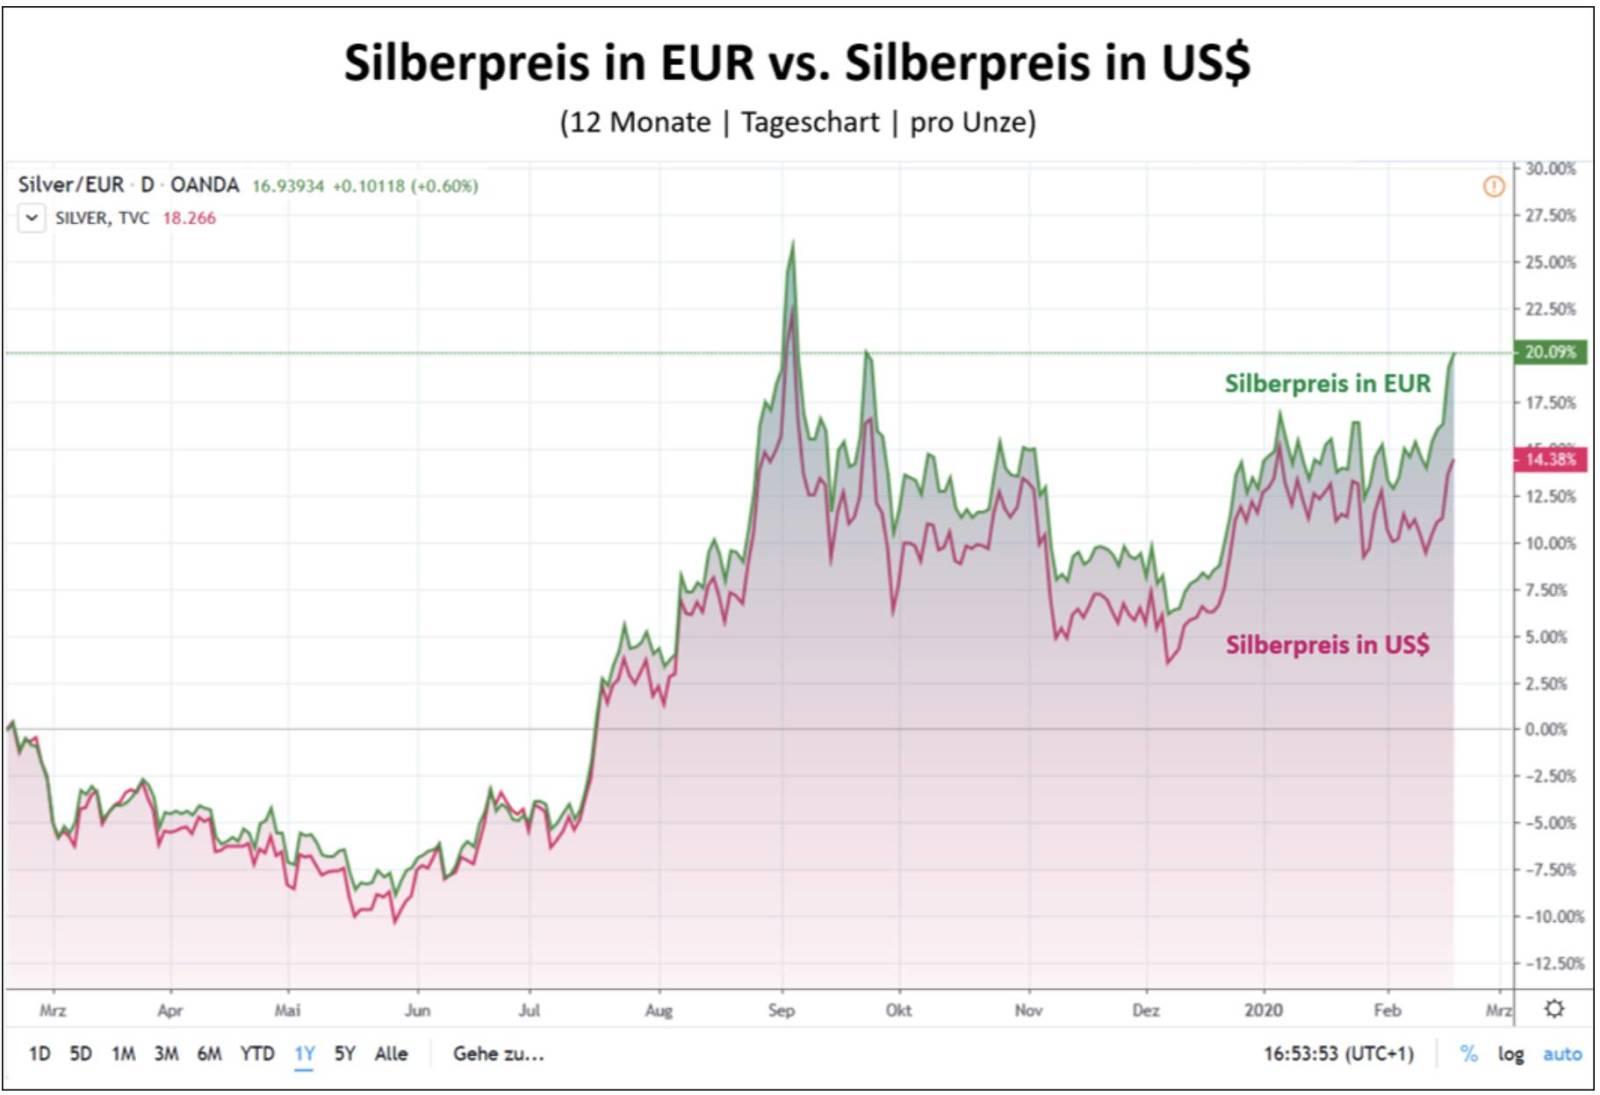 Silber in Euro vs Silber in USD